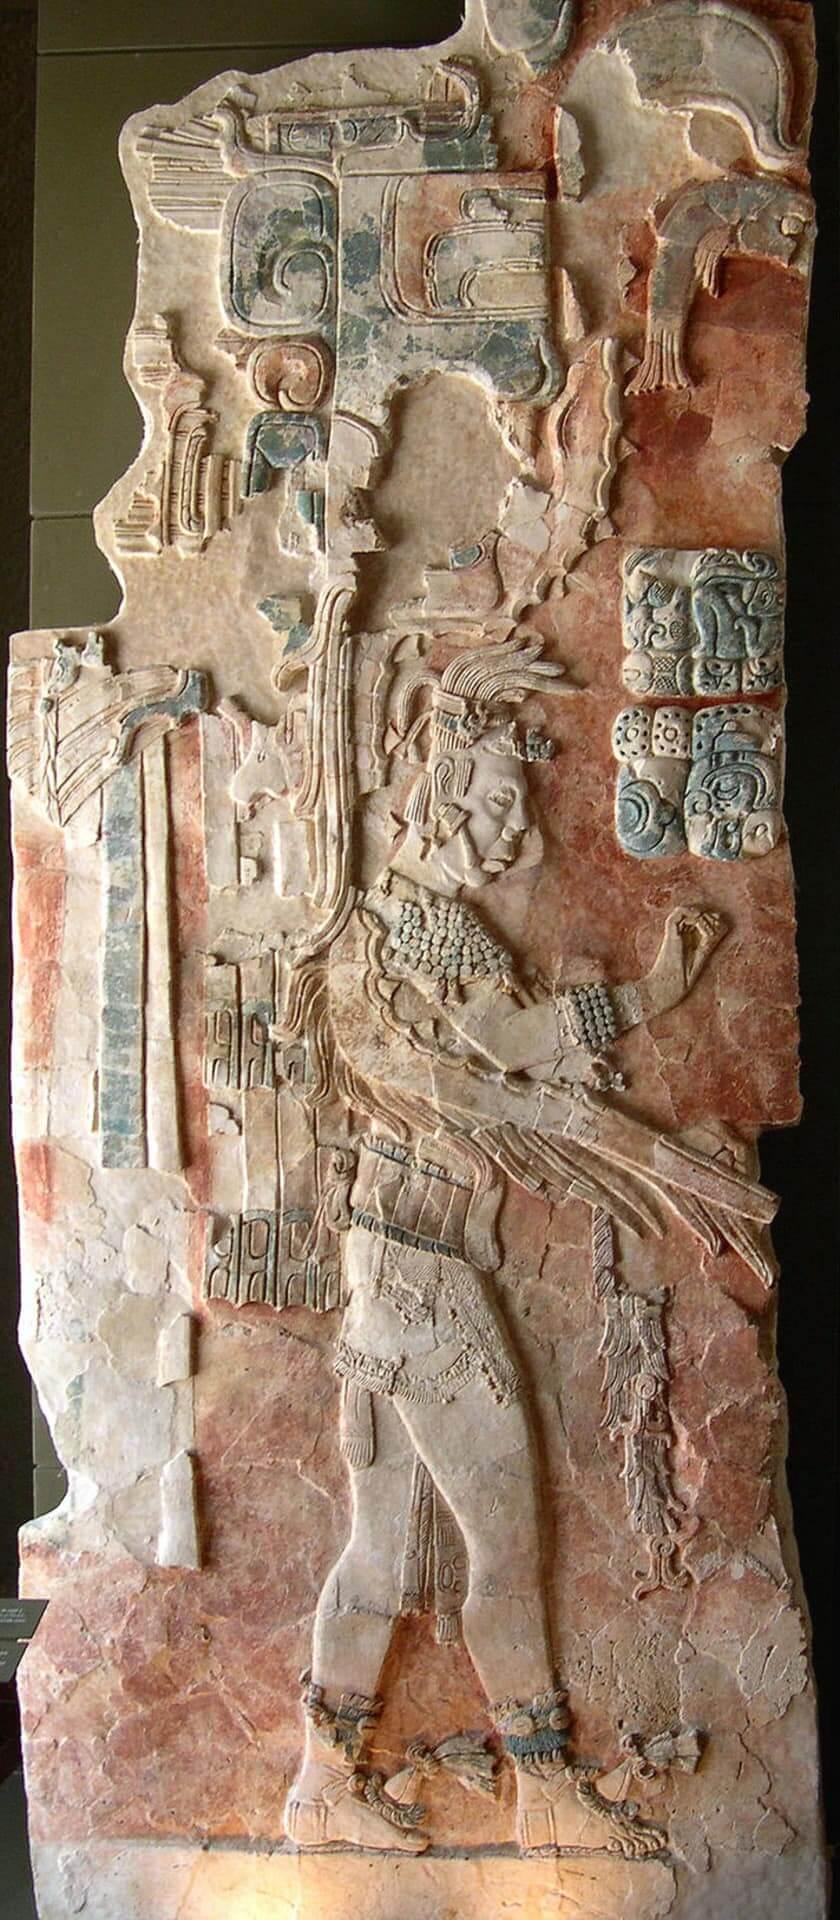 viaje arqueológico al mundo maya Palenque